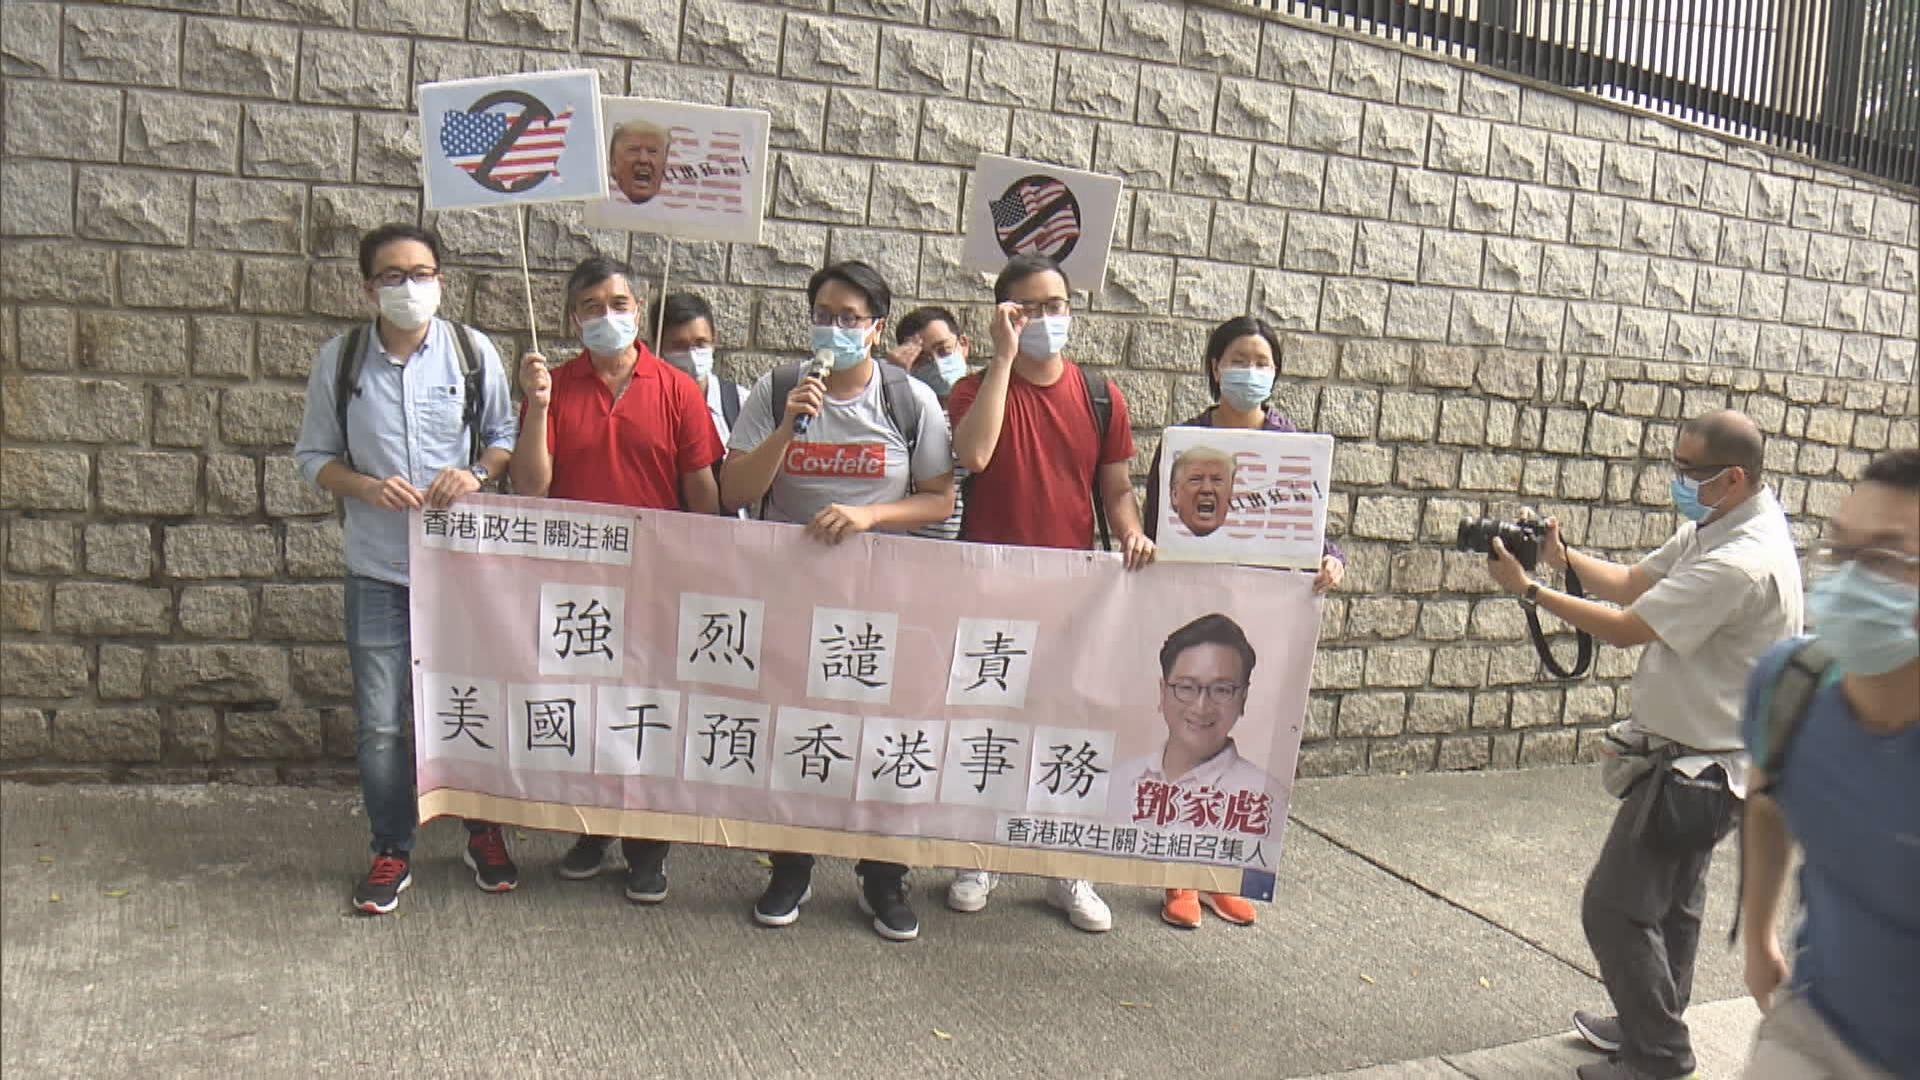 團體示威抗議美國干預香港事務